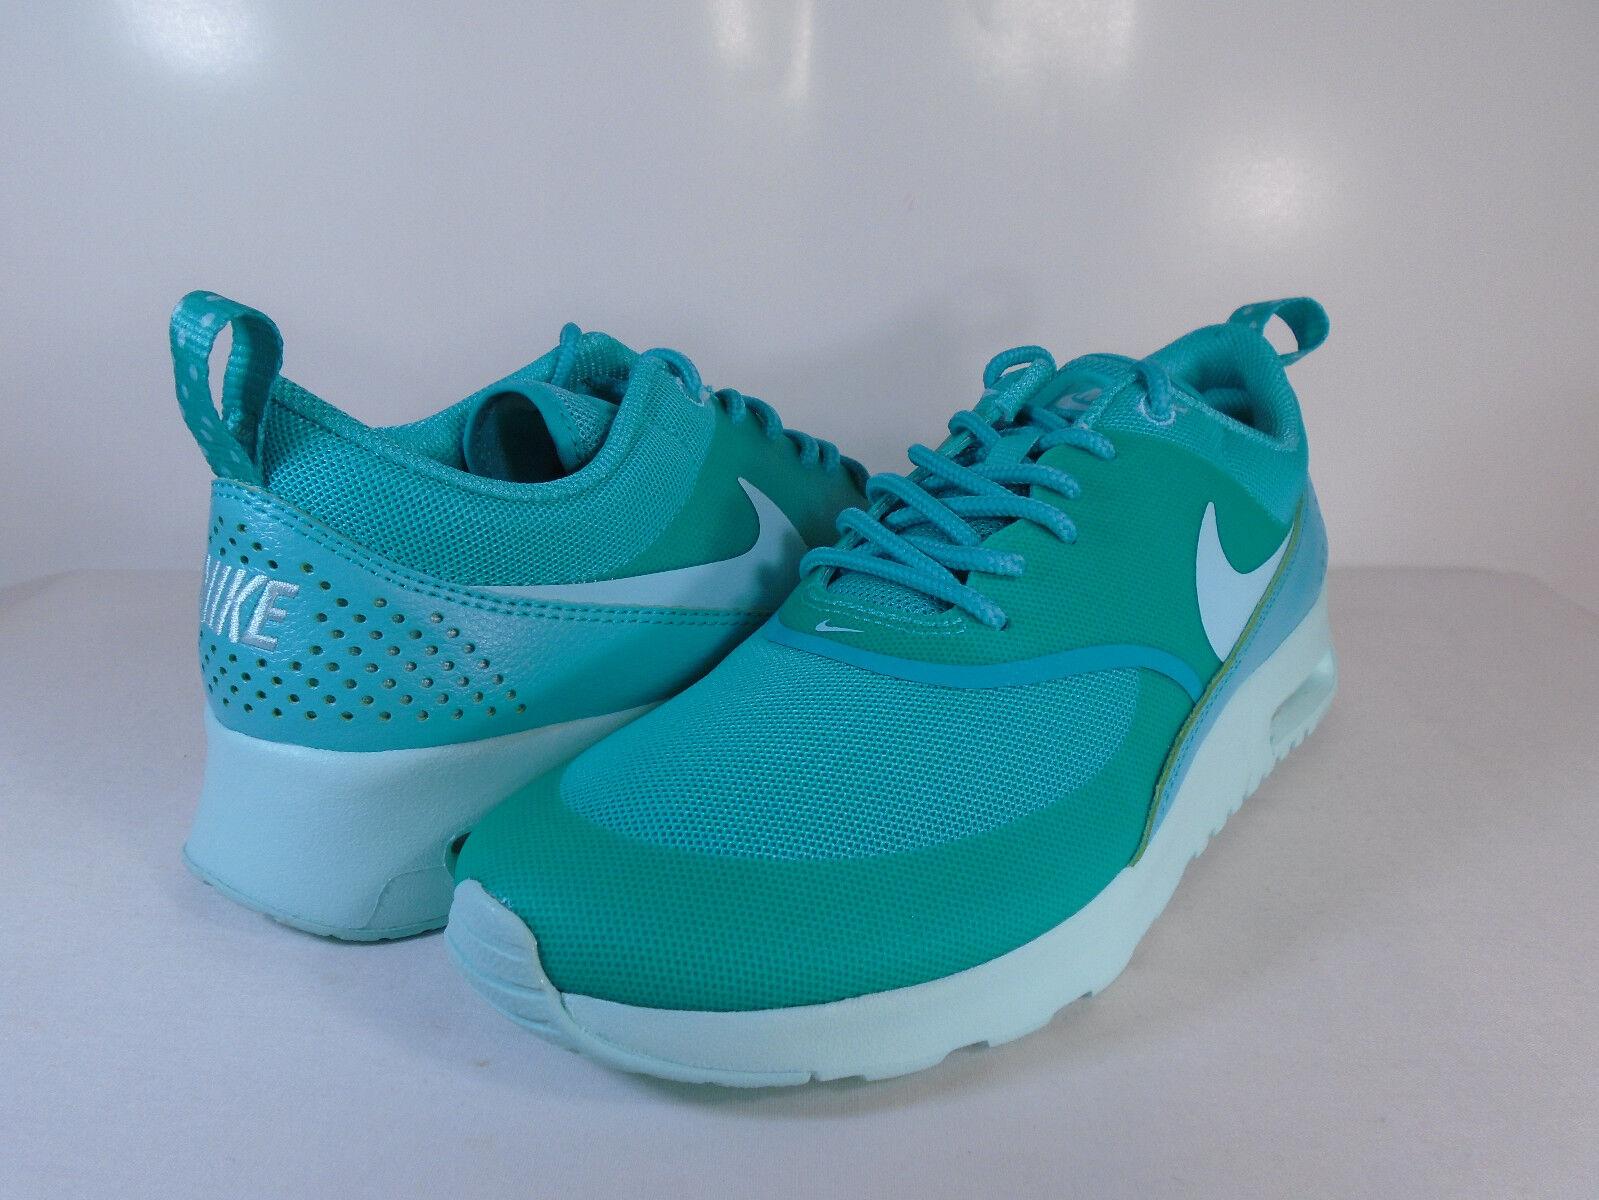 Nike Wmns Air Max Thea Luz retro artisan Teal Teal Teal -599409 408-Athletic  bienvenido a comprar